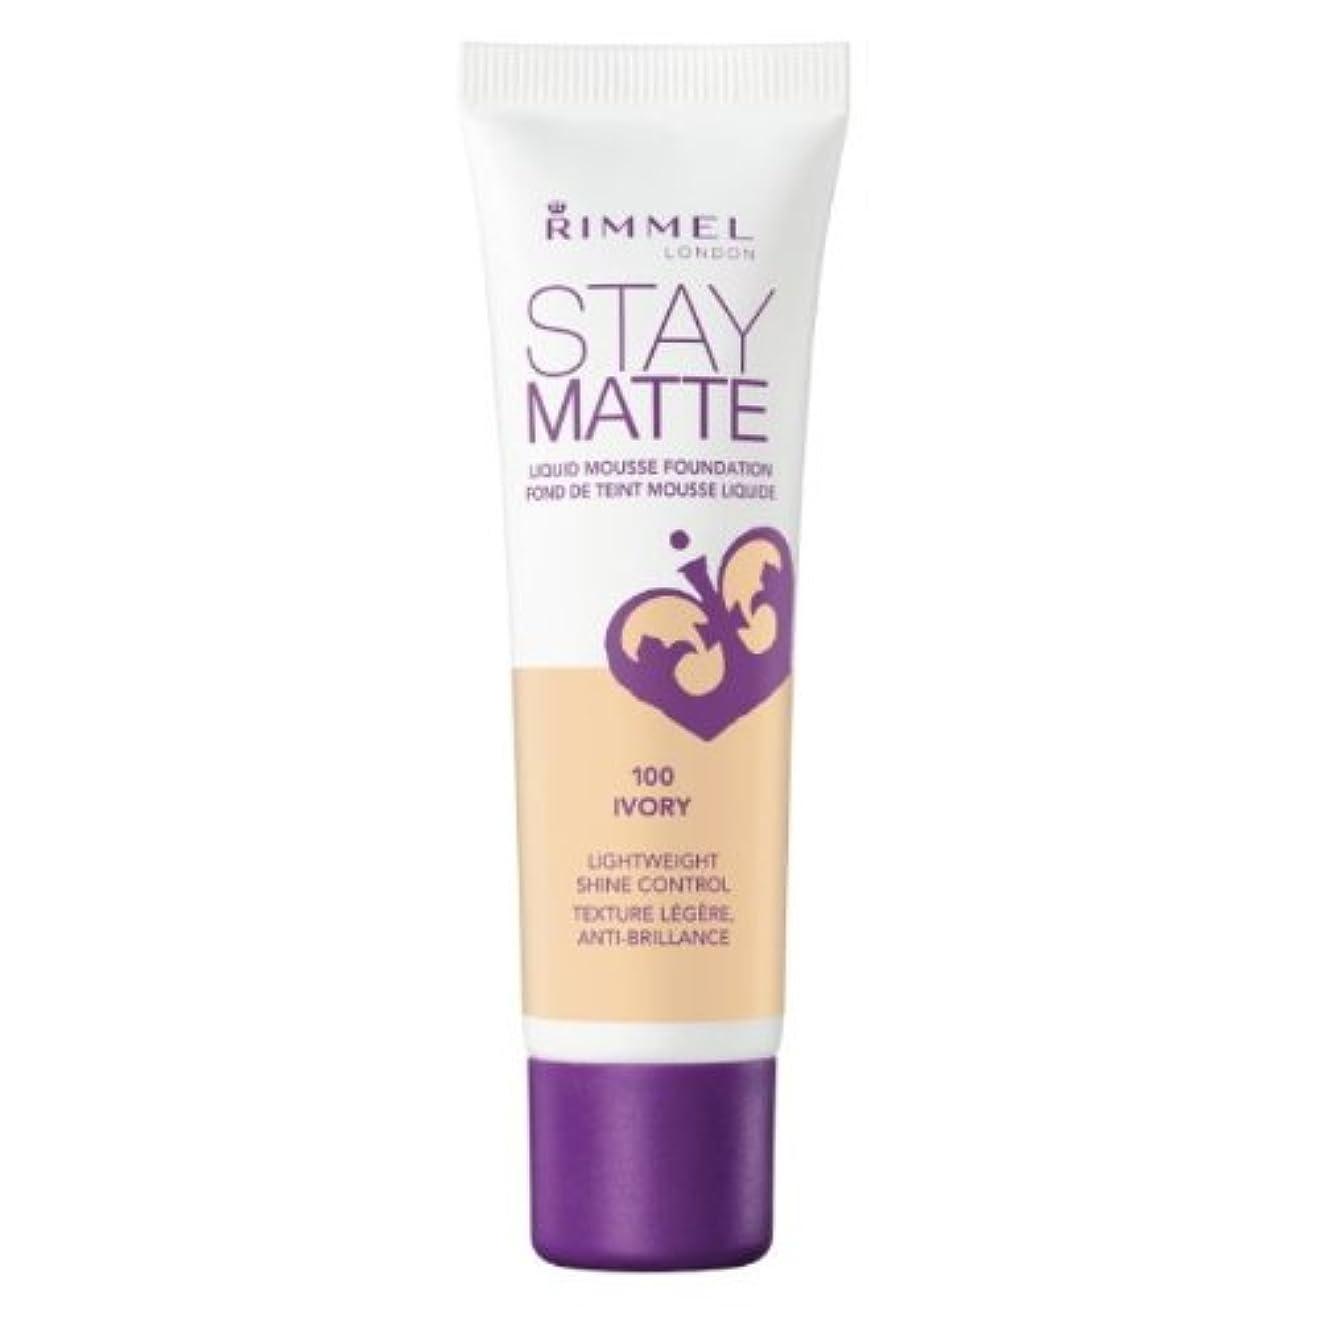 調整するスチール犯す(3 Pack) RIMMEL LONDON Stay Matte Liquid Mousse Foundation - Ivory (並行輸入品)